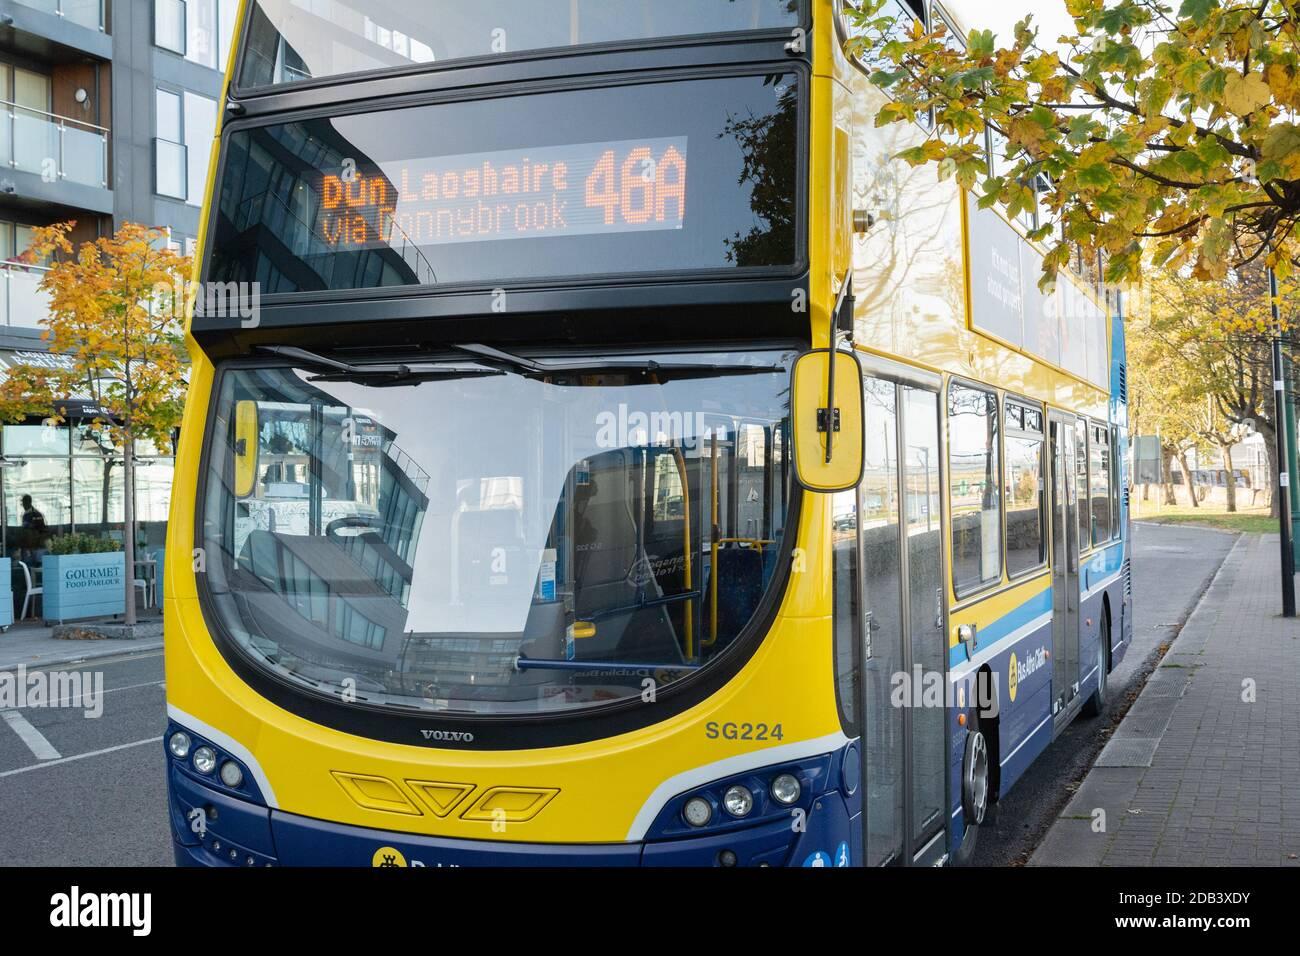 Öffentliche Verkehrsmittel in Dun Laoghaire im County Dublin, Irland Stockfoto